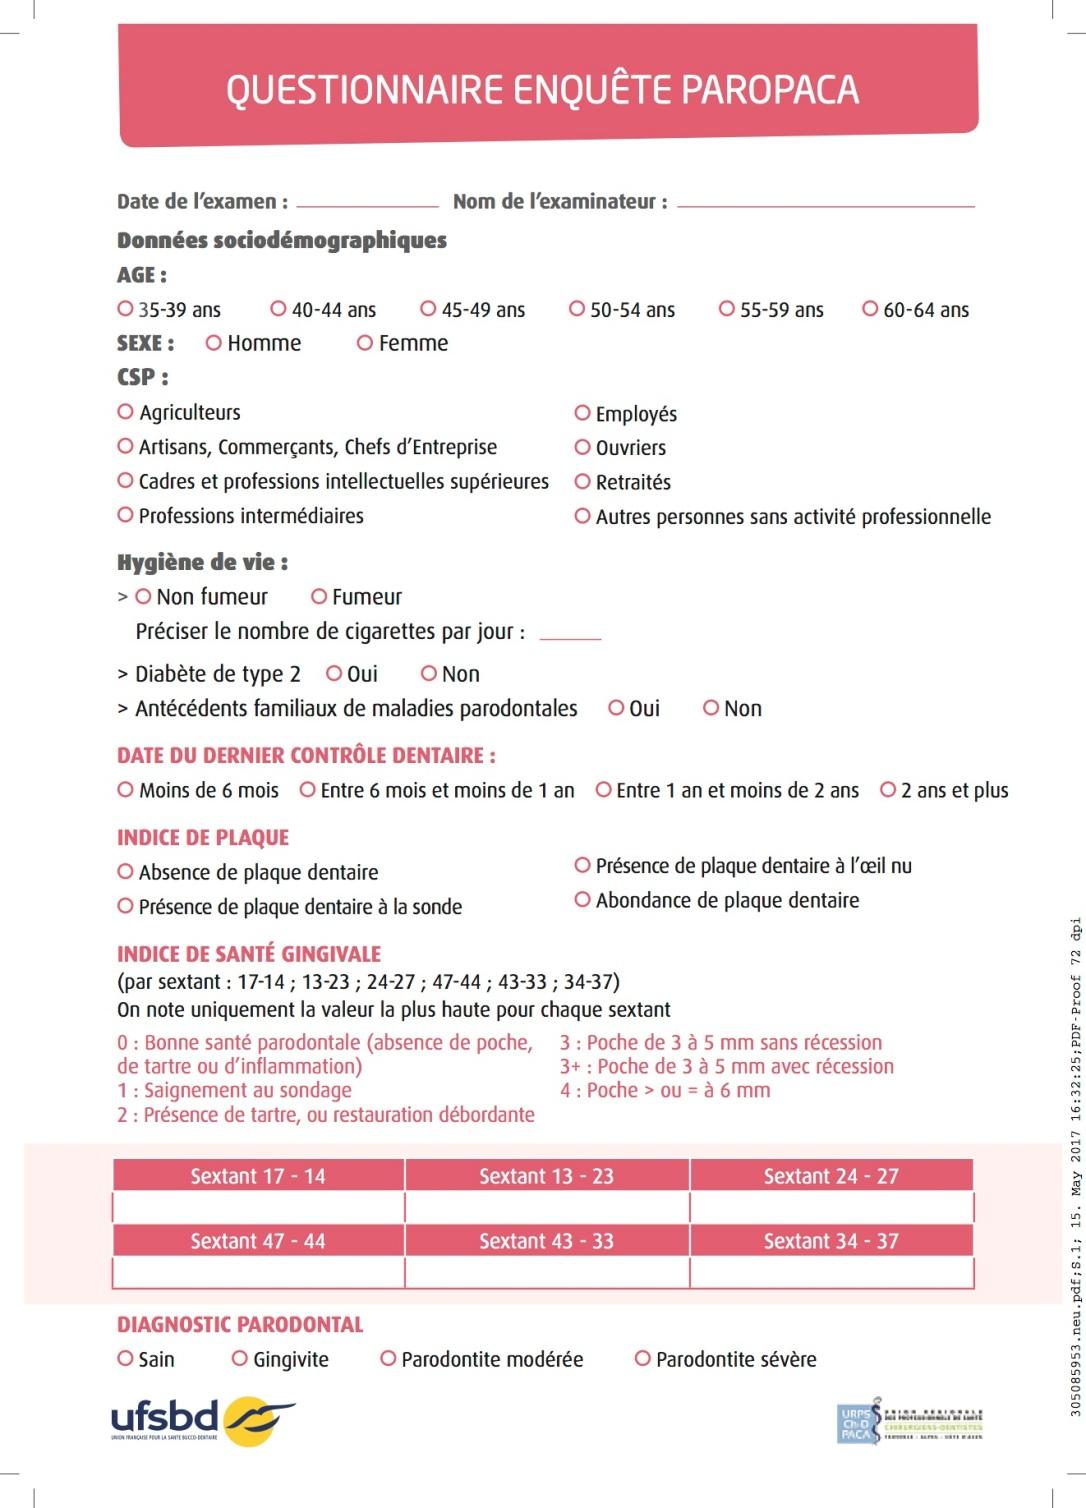 Questionnaire patient.jpg